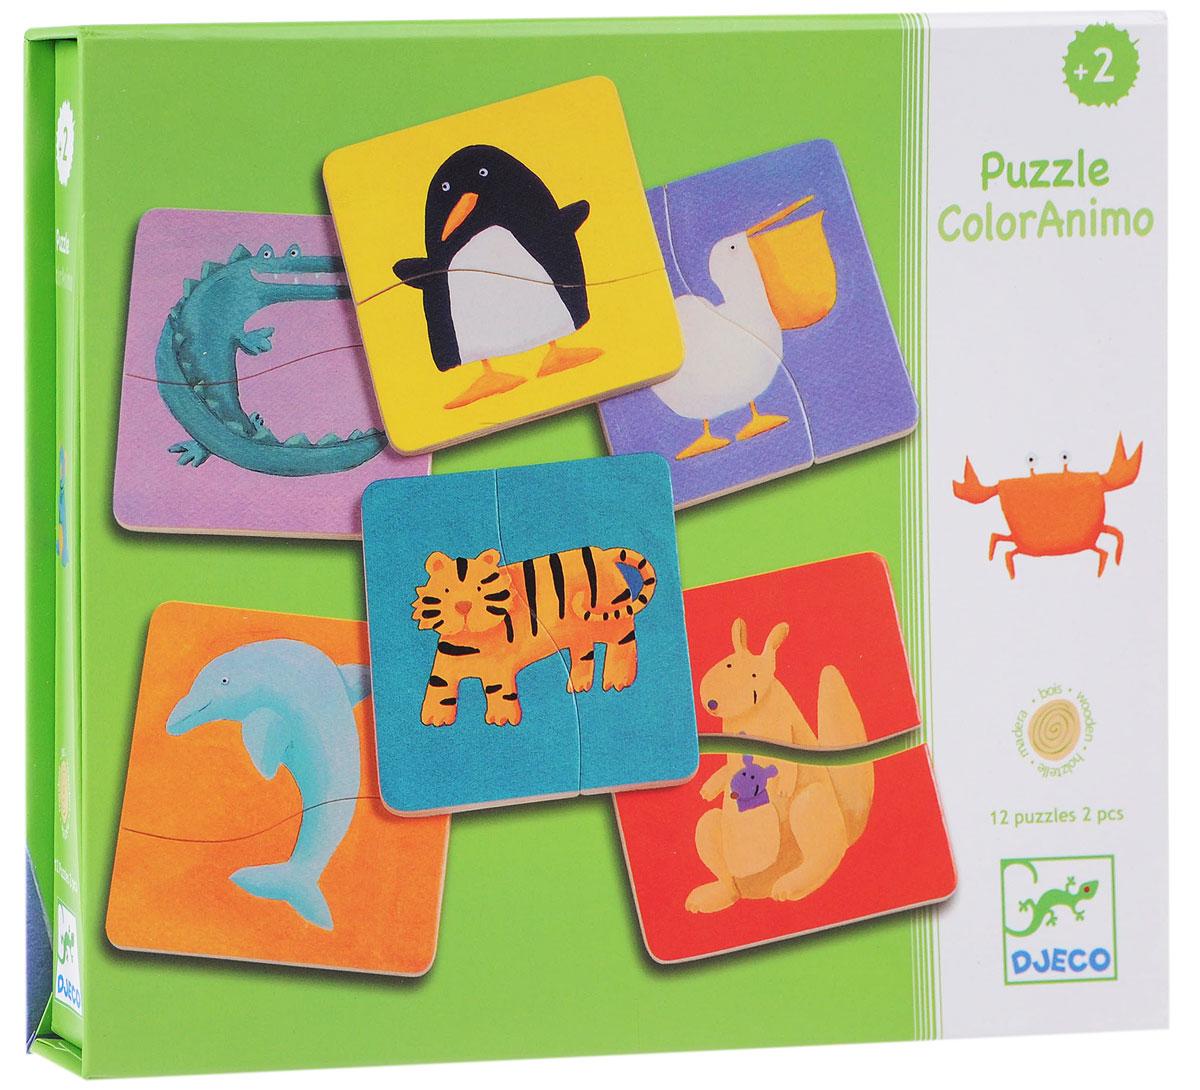 Djeco Пазл для малышей Разноцветные животные01550Пазл для малышей Djeco Разноцветные животные дает много возможностей в воспитании и развитии ребенка. Игра очень увлекательна и красочно оформлена. Ваш малыш будет с удовольствием собирать картинки с вами или без вас. Его увлекут красочные цвета, новые названия животных. В эту игру могут играть детишки разного возраста и развивать свою усидчивость, понятия больше, меньше. В наборе представлены 12 картинок, каждая из которых состоит из двух элементов. Пазл Djeco Разноцветные животные - это хороший выбор для досуга всей семьи.